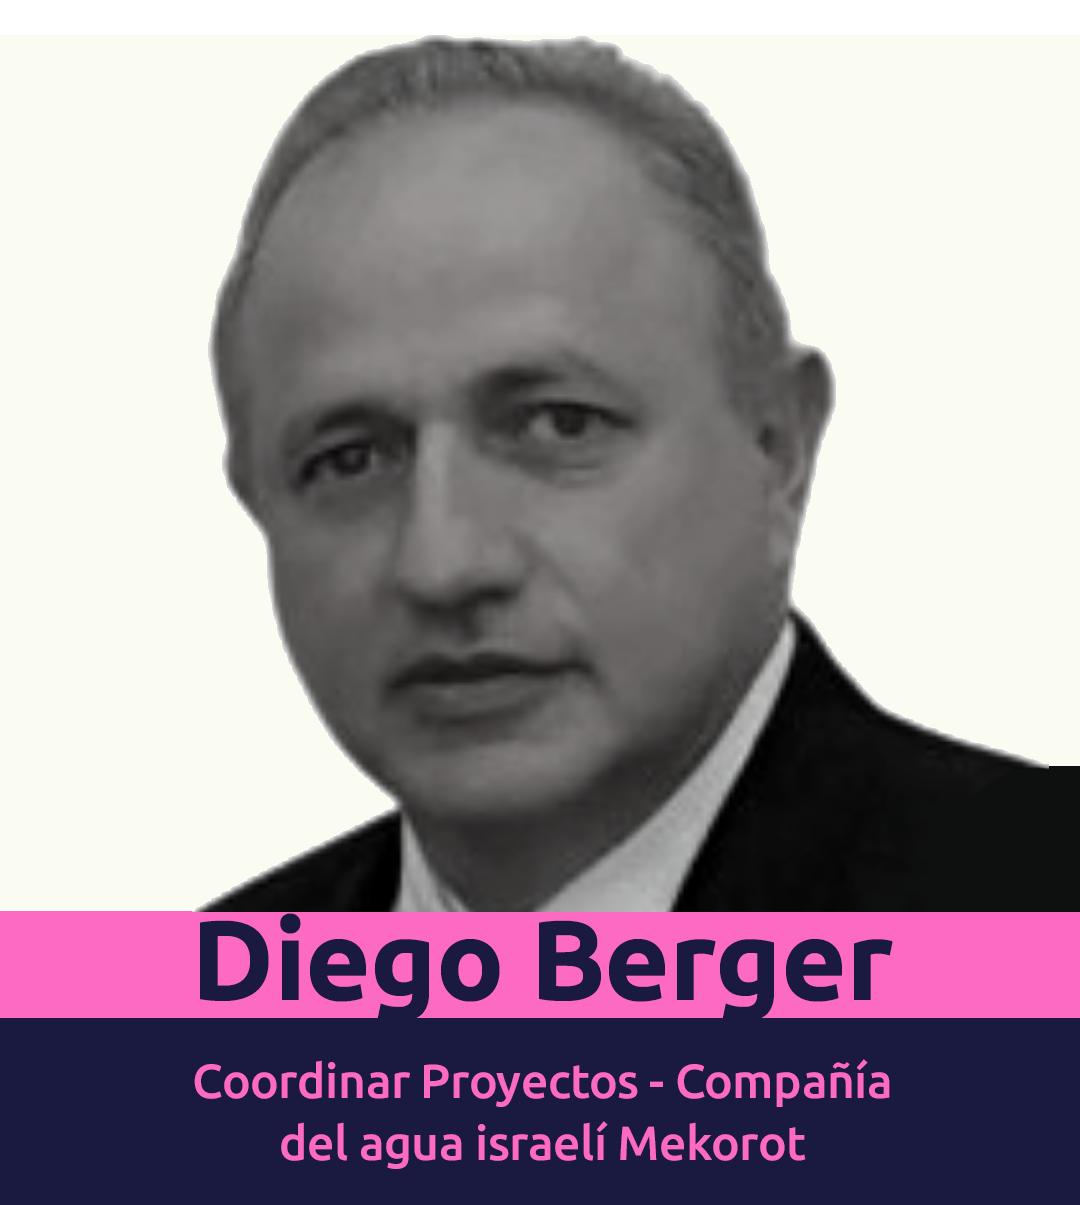 Diego Berger